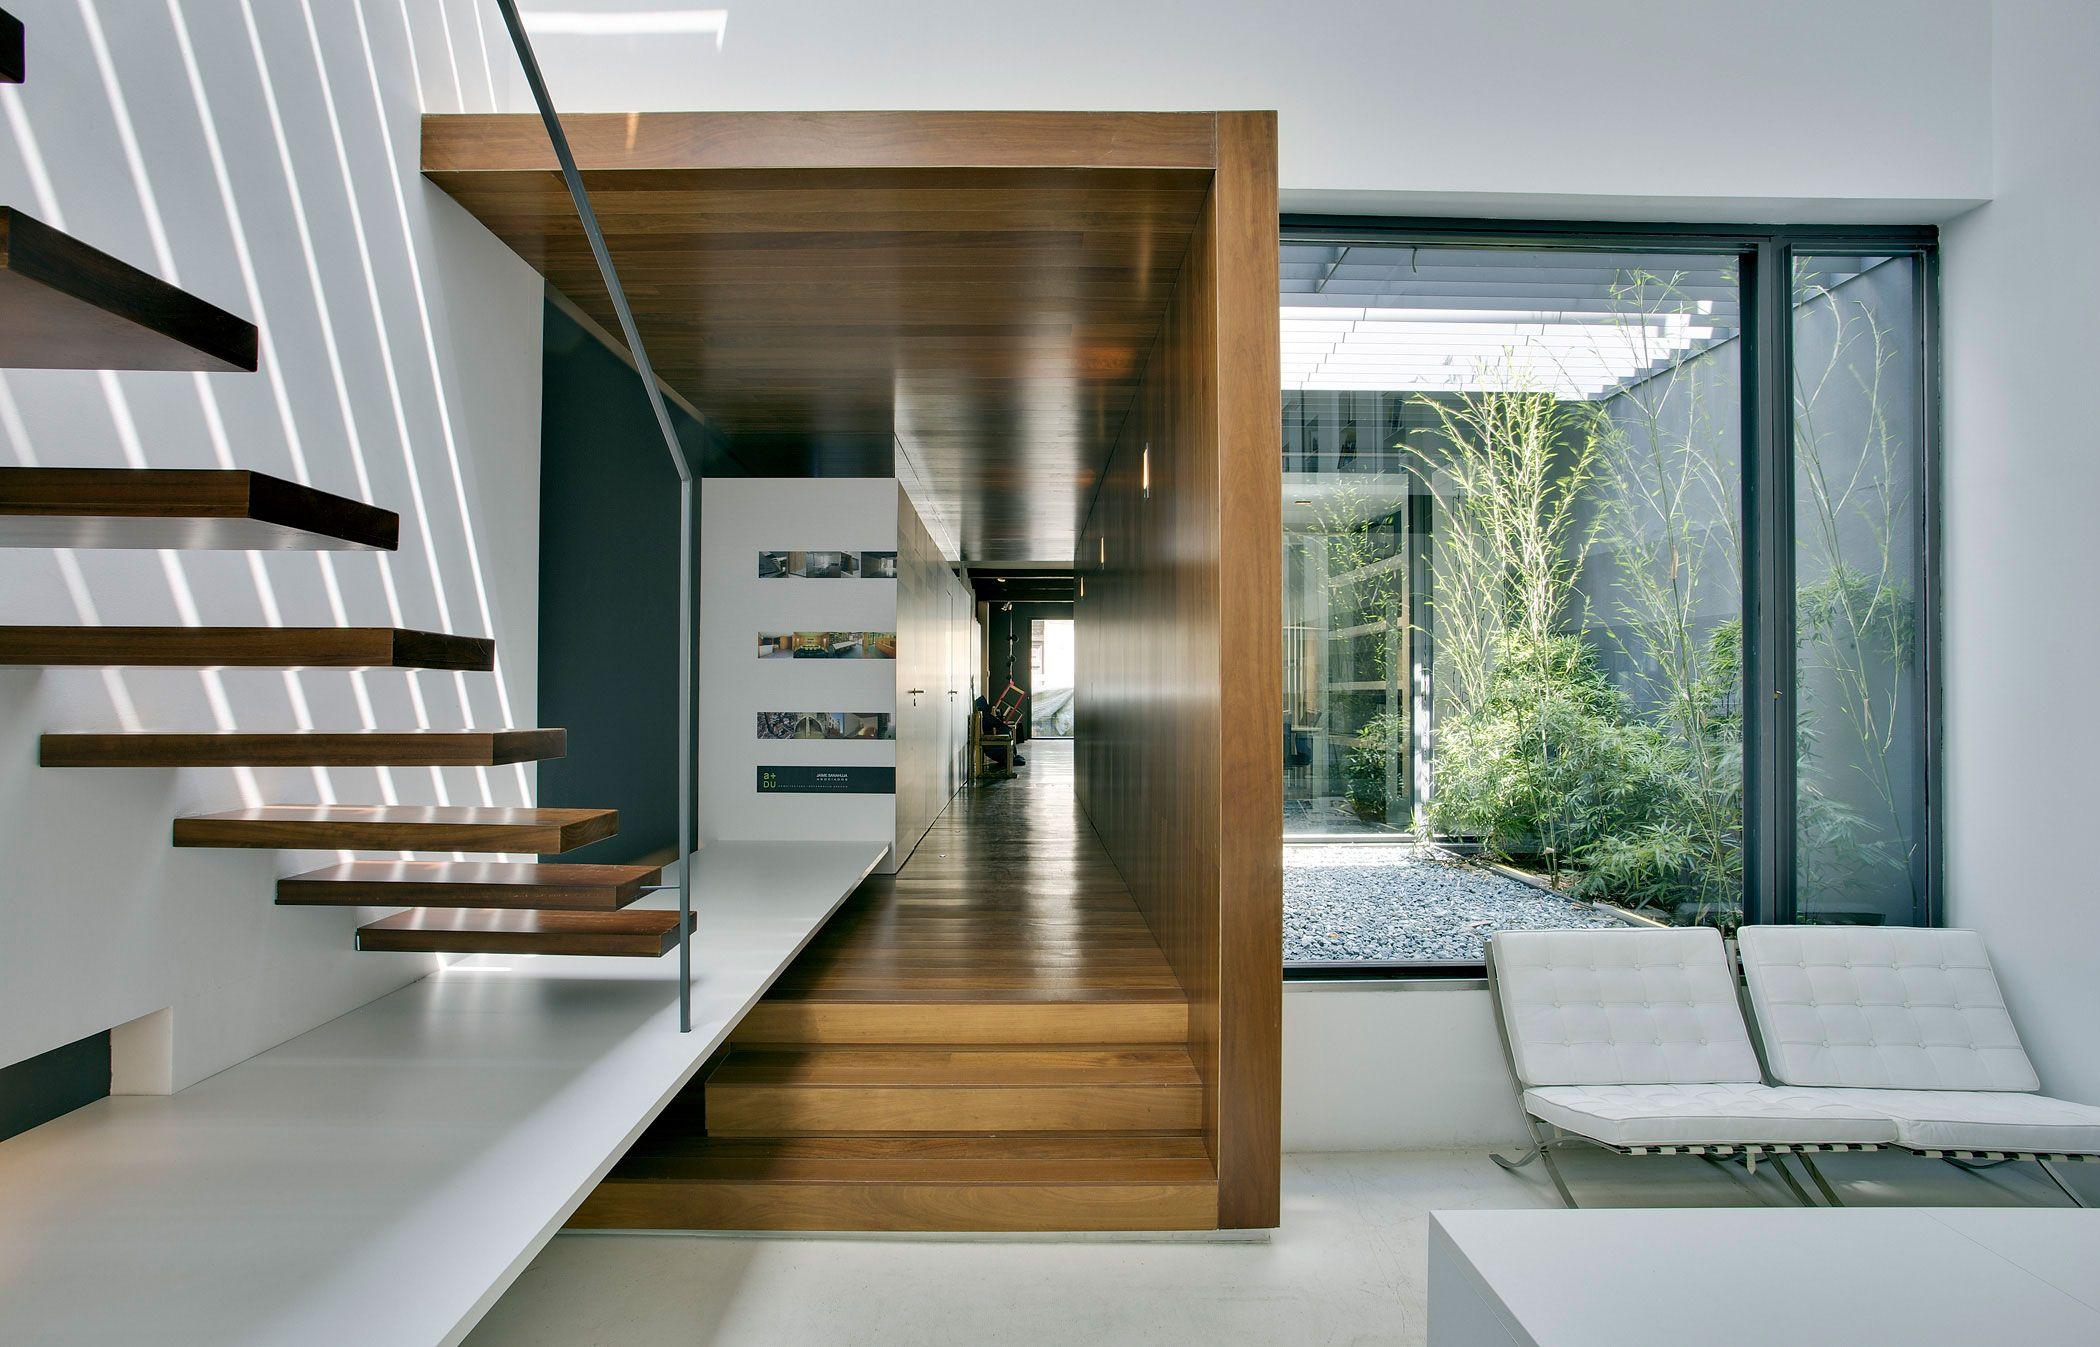 Resultado de imagen de estudios de arquitectura dise o for Estudios arquitectura madrid